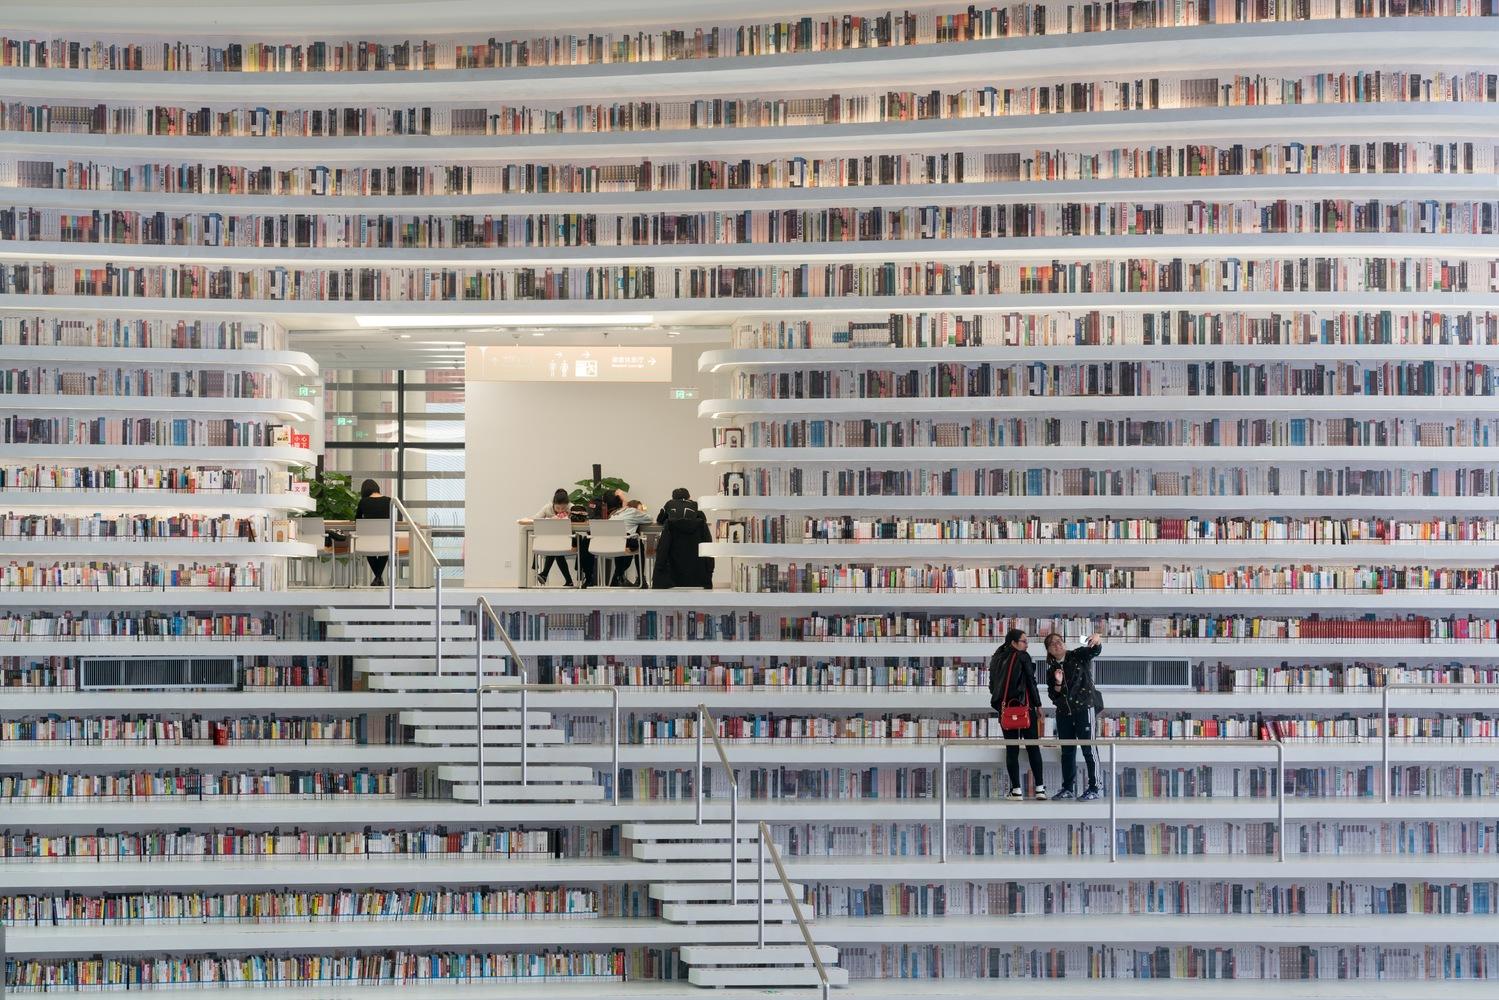 China inaugura la biblioteca más futurista de la historia en Tianjin